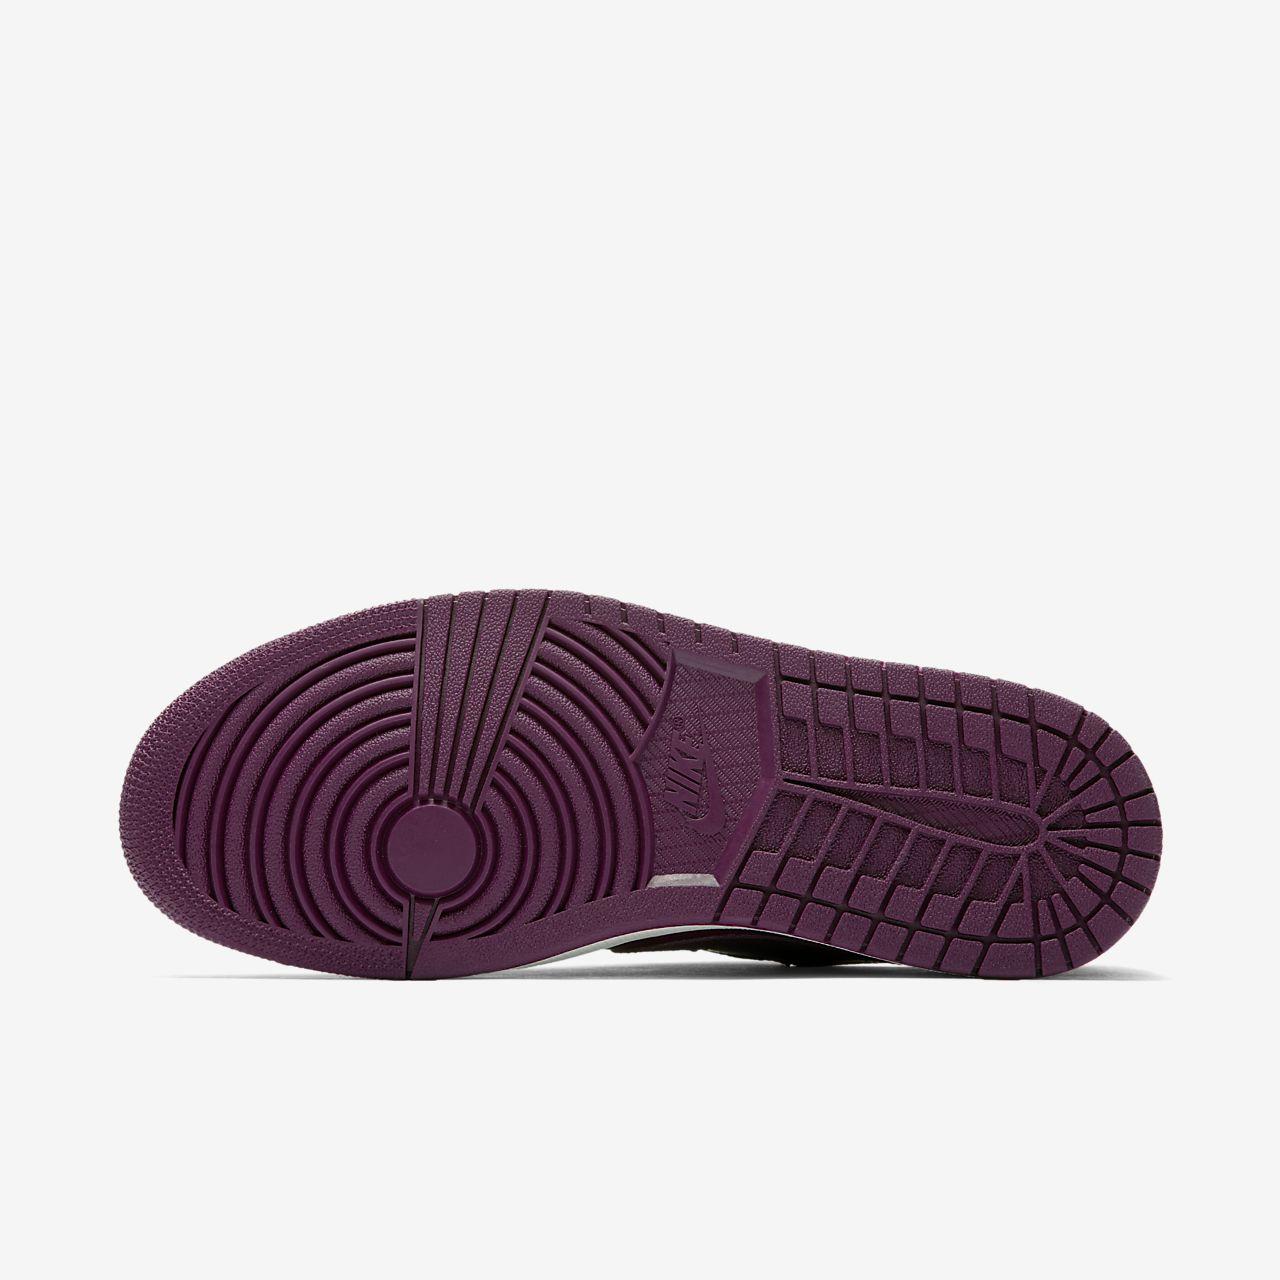 Air Jordan 1 Retro Low OG Women s Shoe. Nike.com LU 9923e40bc